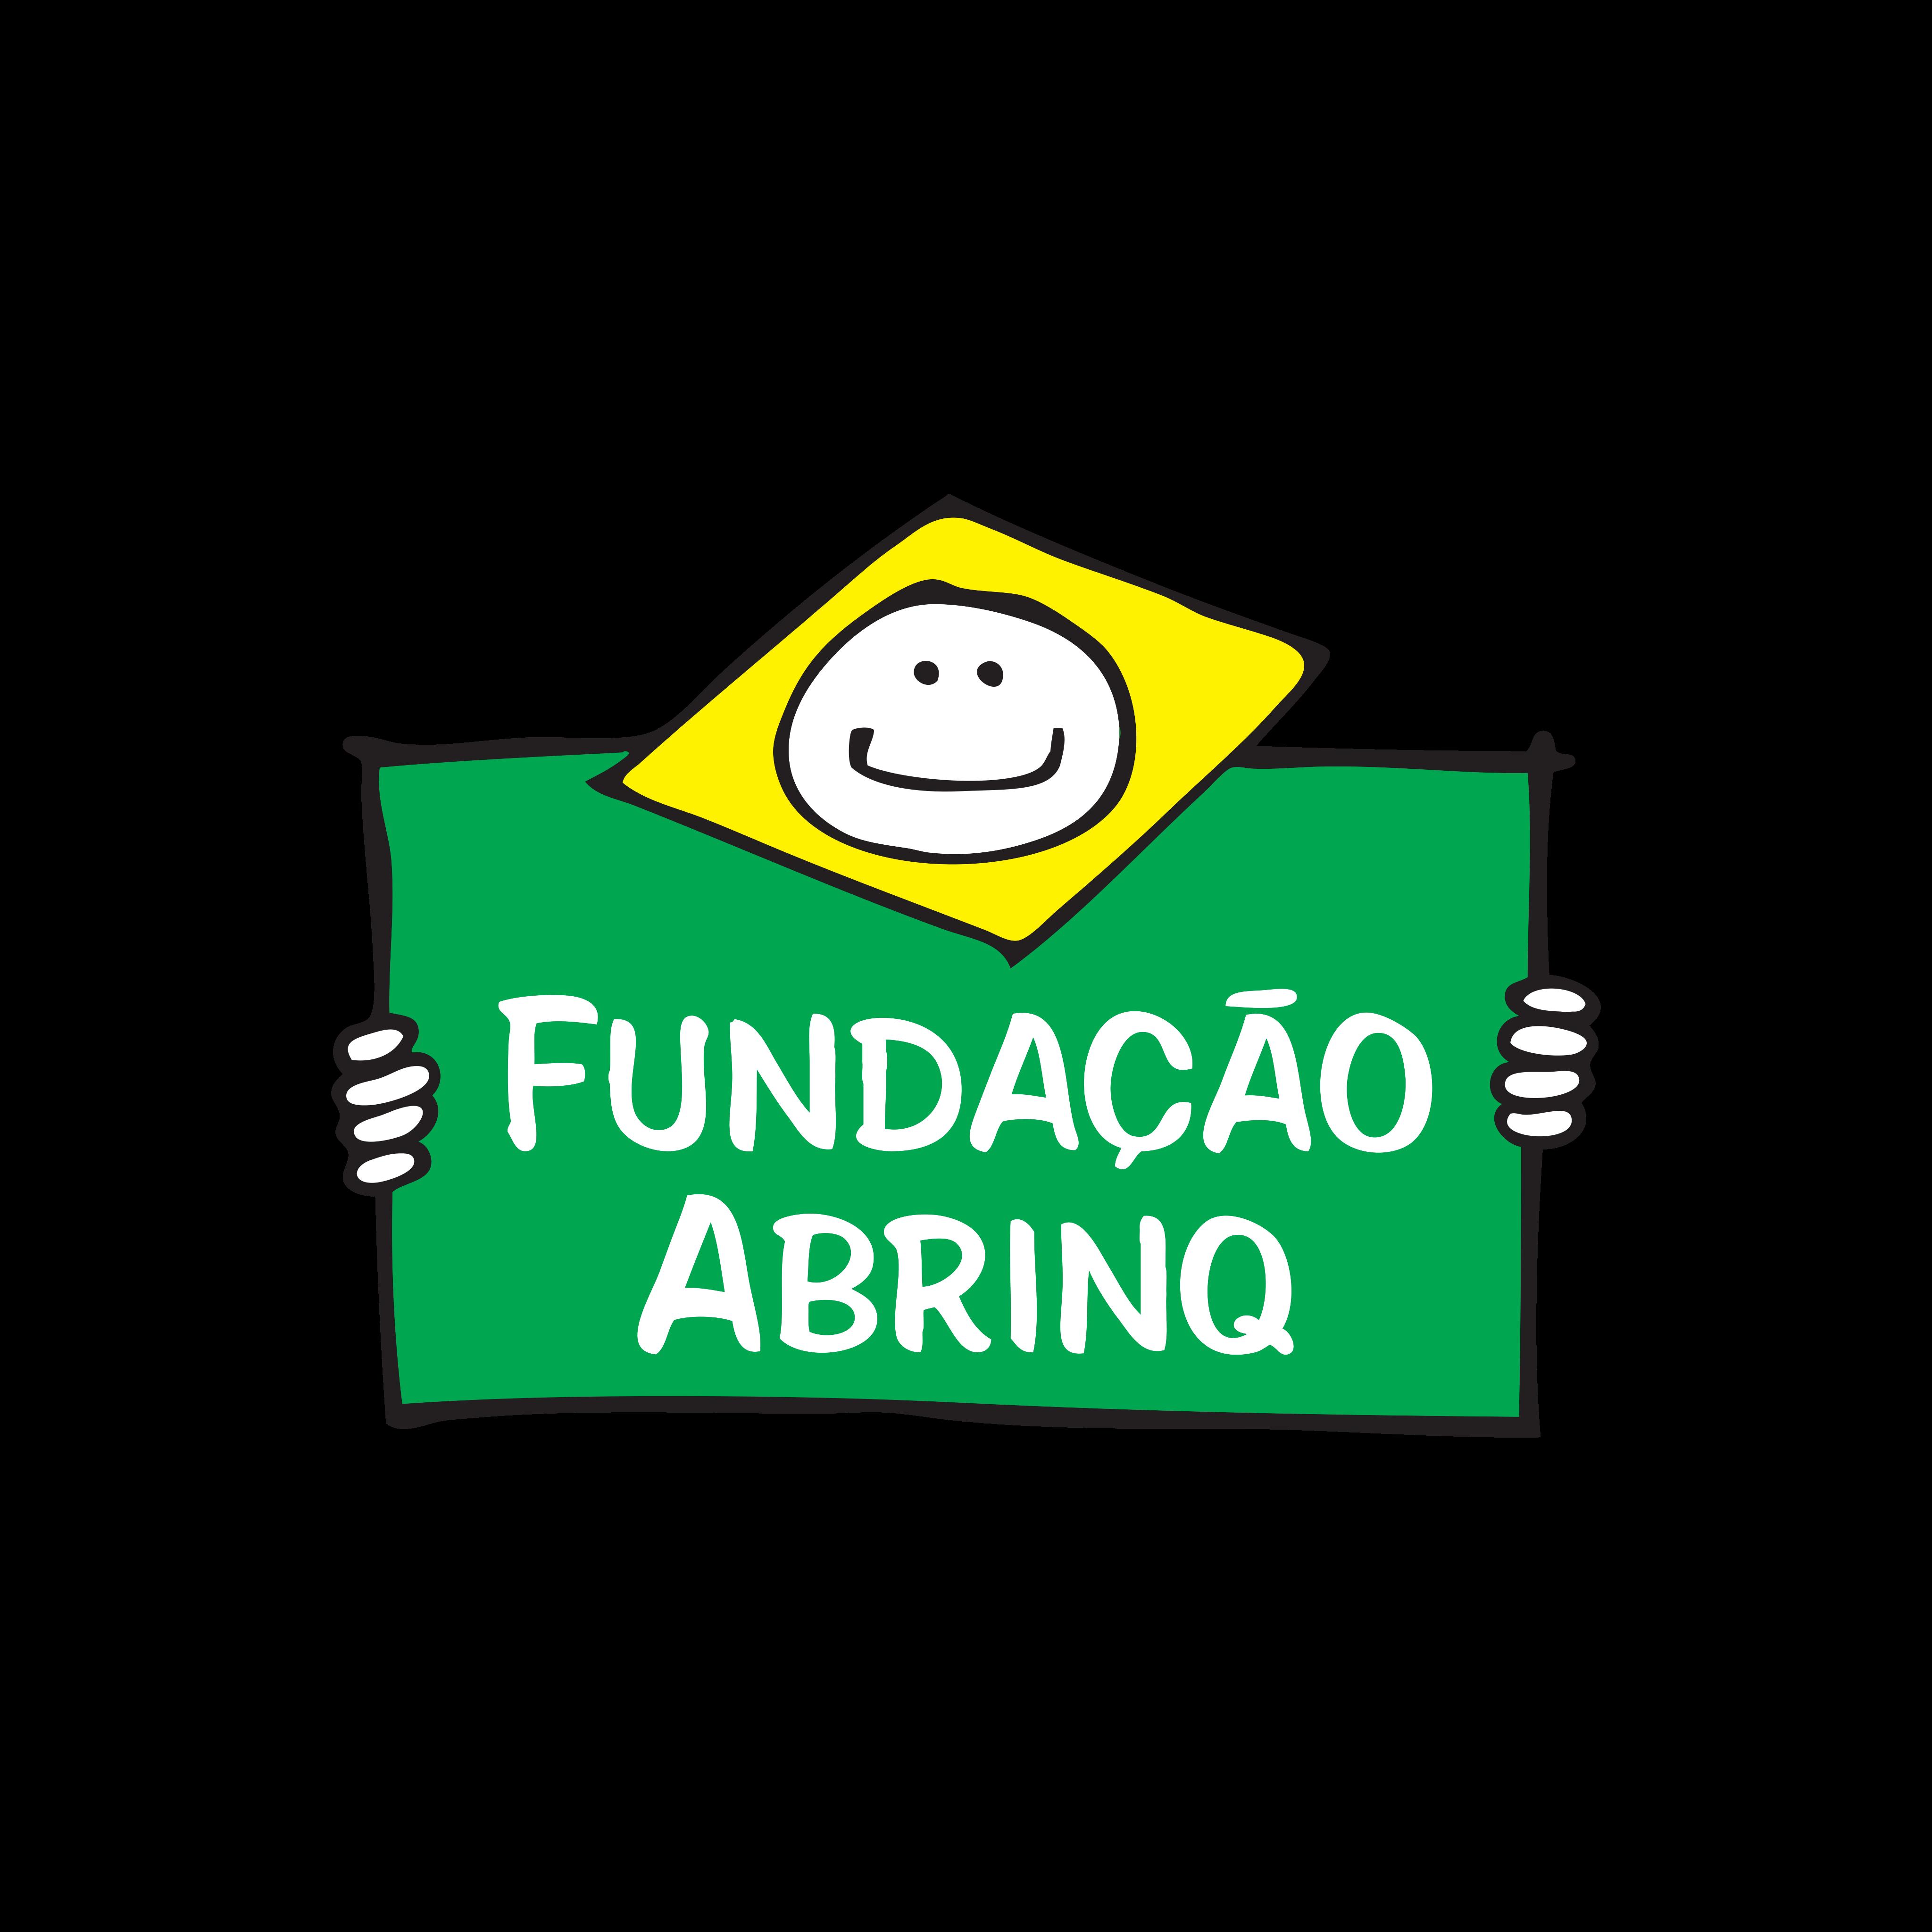 fundacao abrinq logo 0 - Fundação ABRINQ Logo